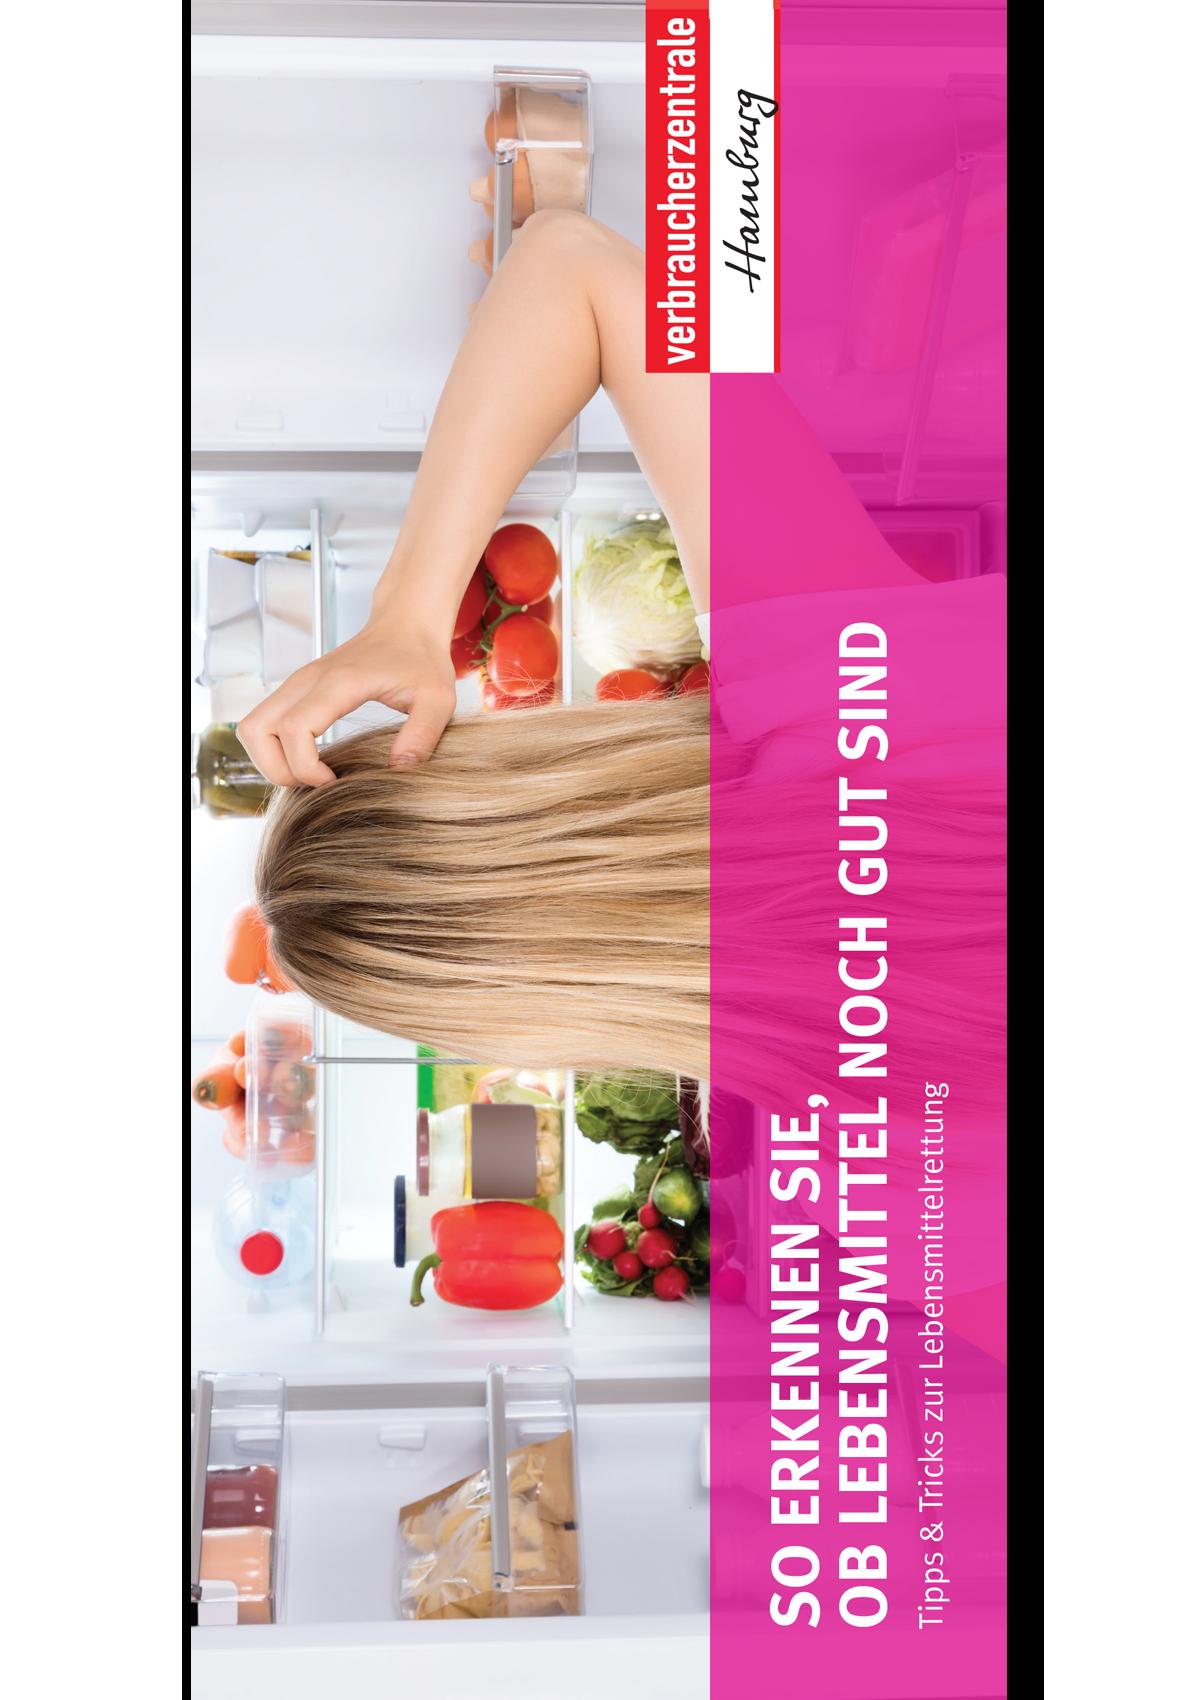 Checkliste - So erkennen Sie, ob Lebensmittel noch gut sind - Shop Verbraucherzentrale